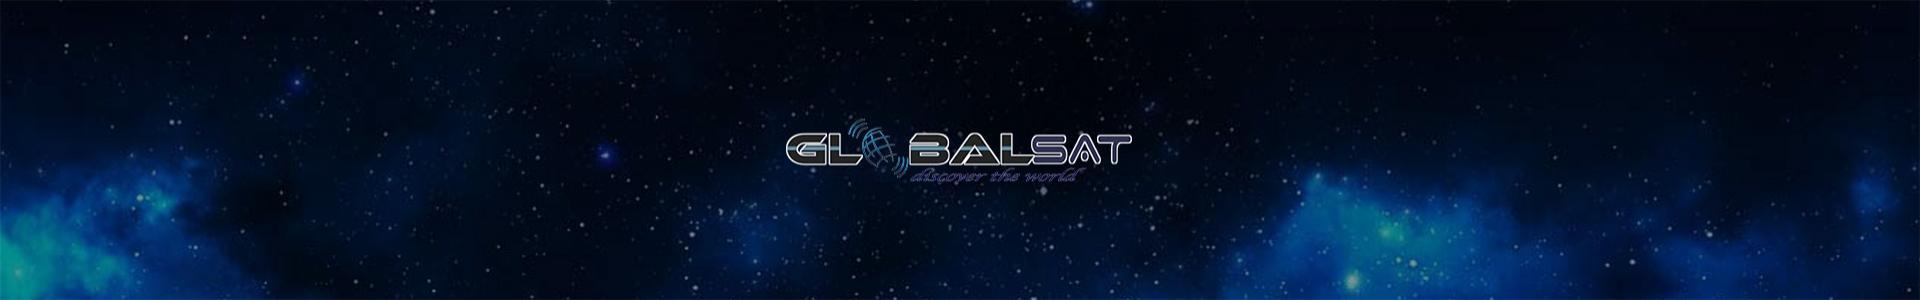 globalsat-share.jpg